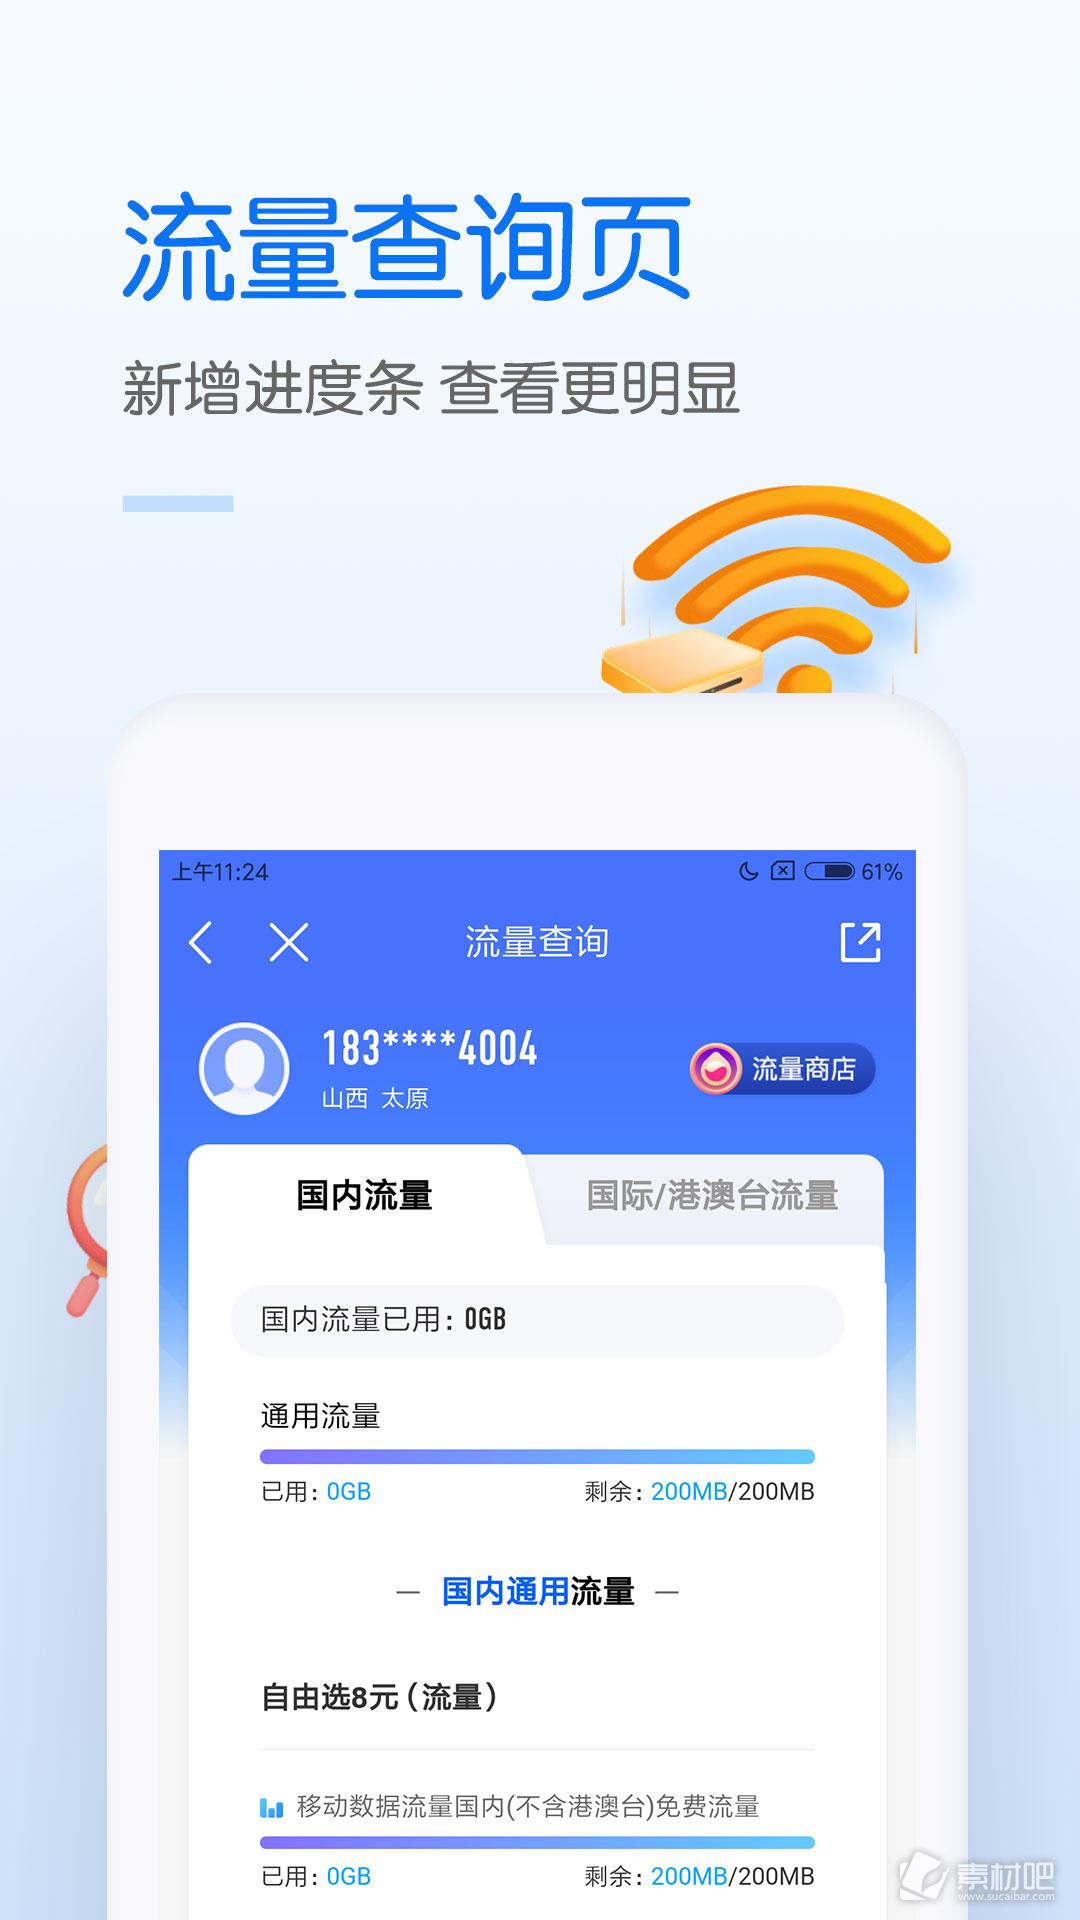 中国移动黄页直播